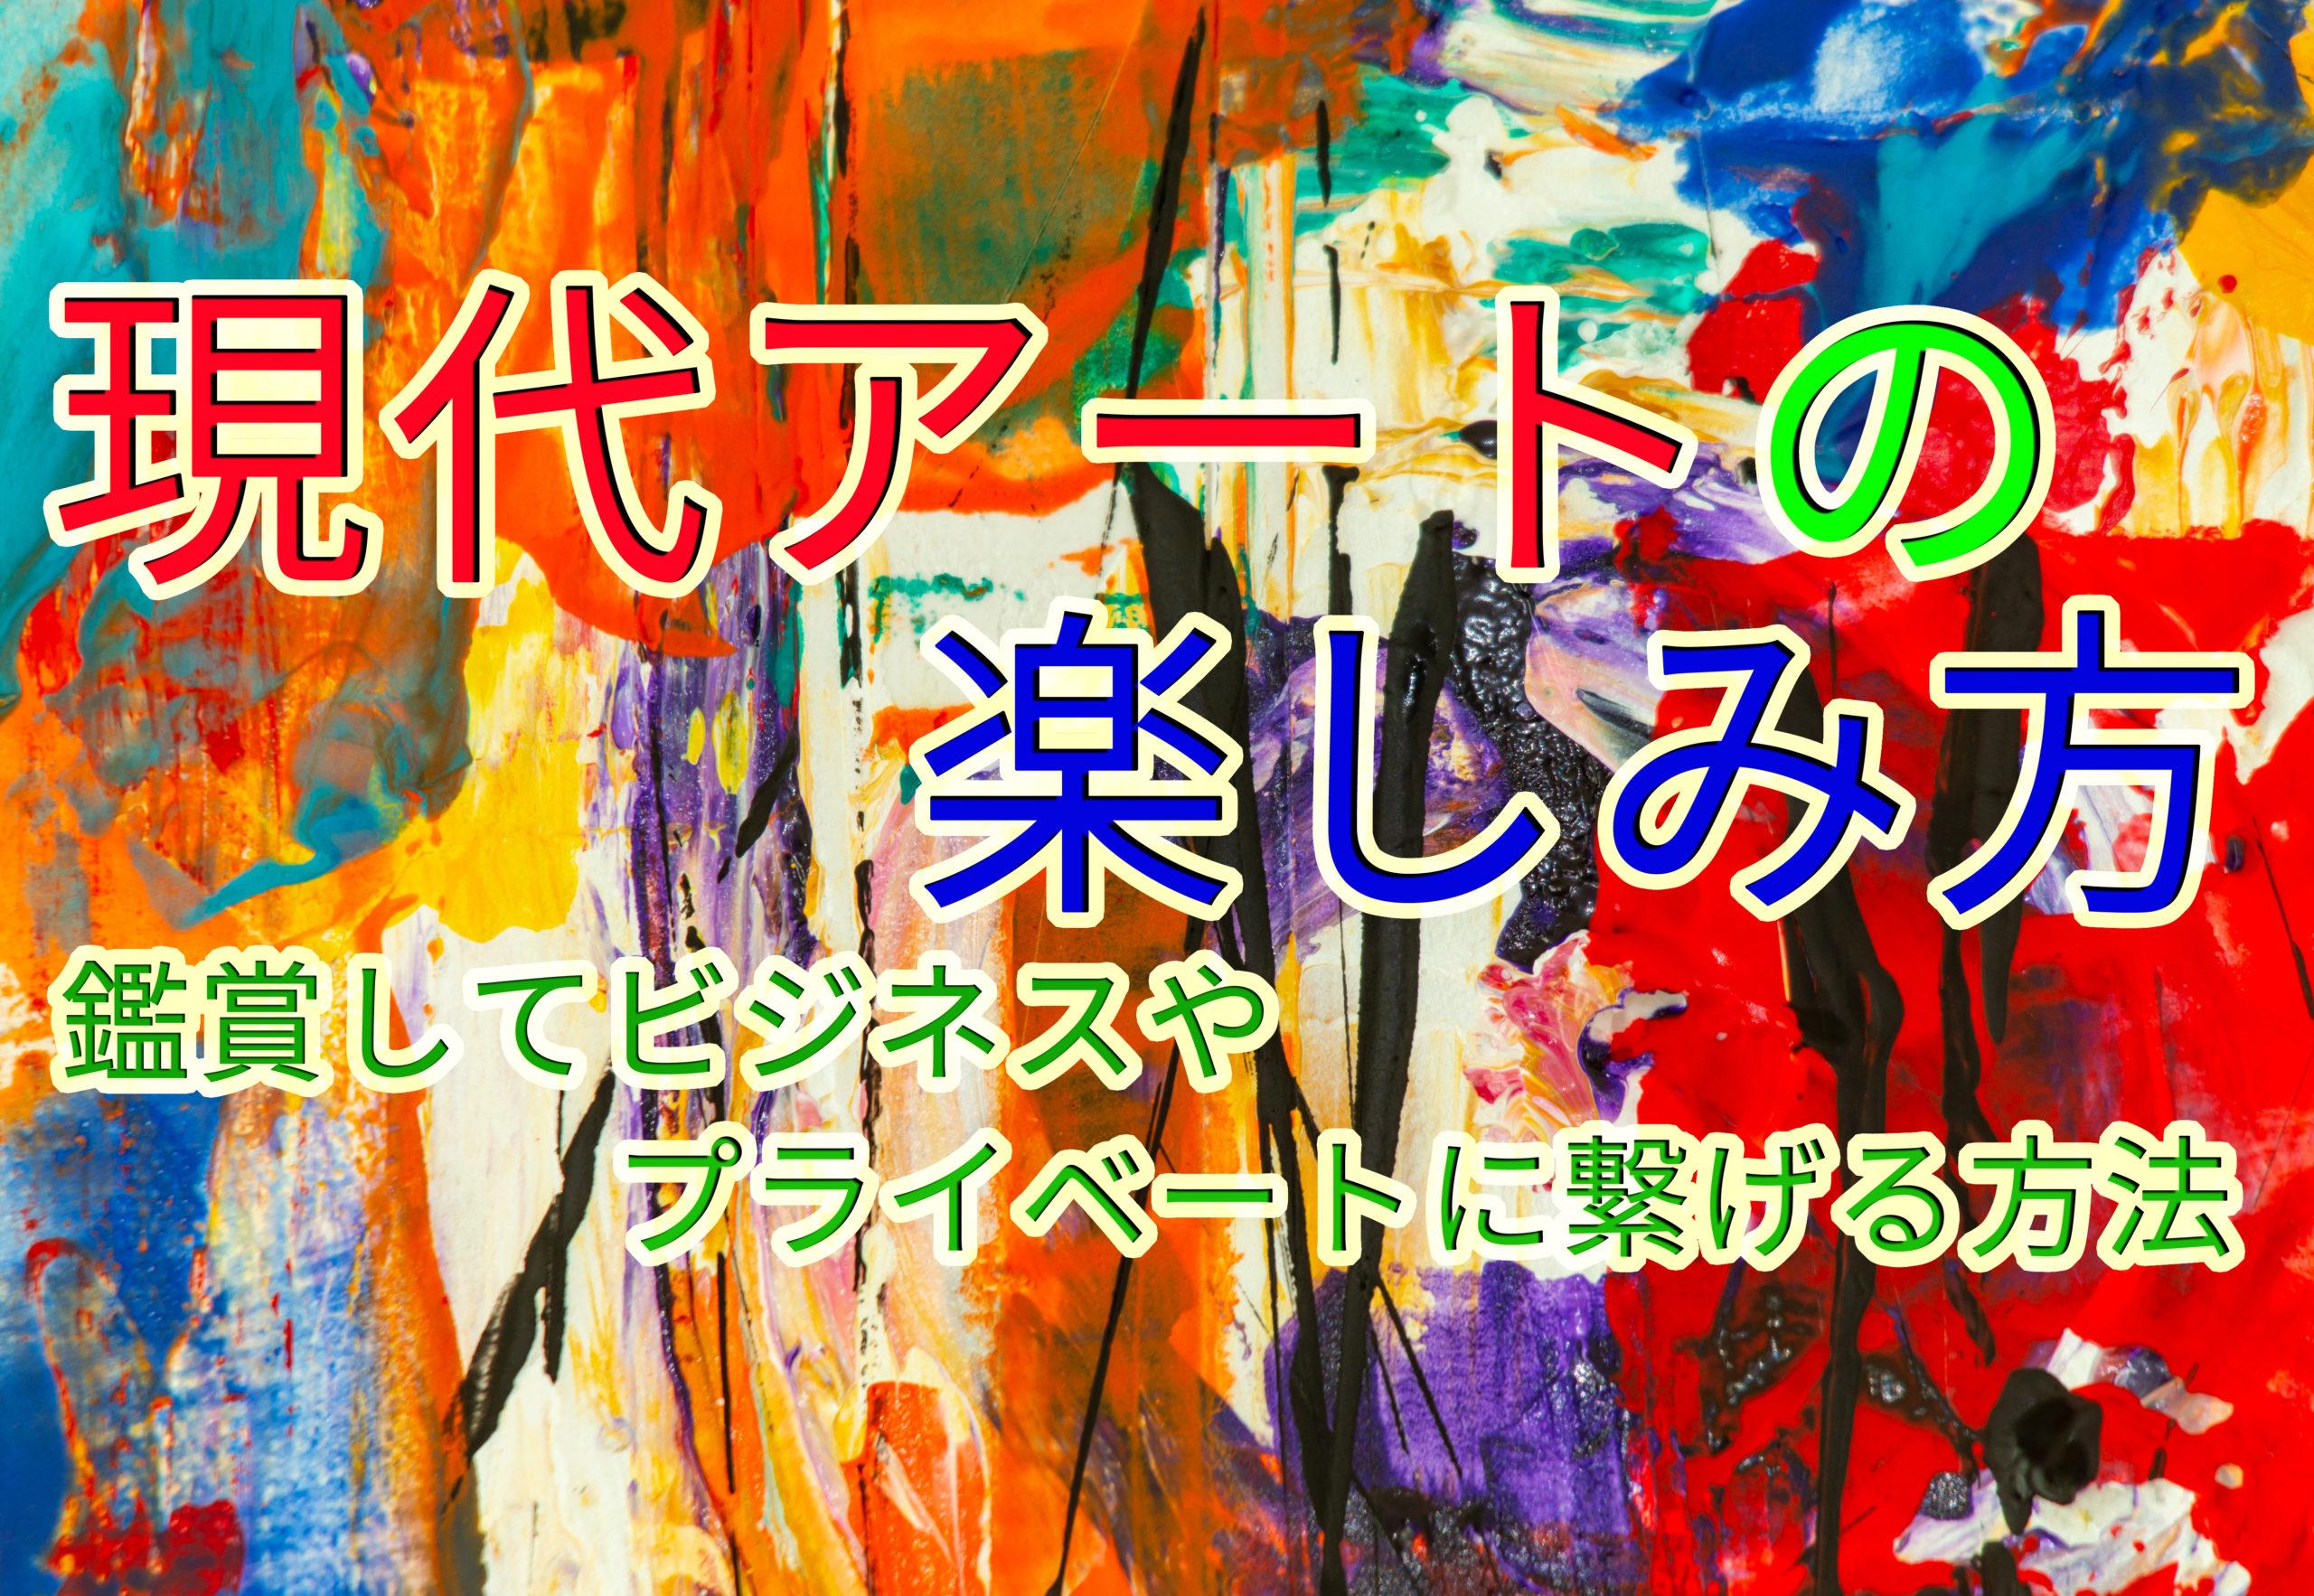 現代アートの楽しみ方【鑑賞してビジネスやプライベートに繋げる方法】